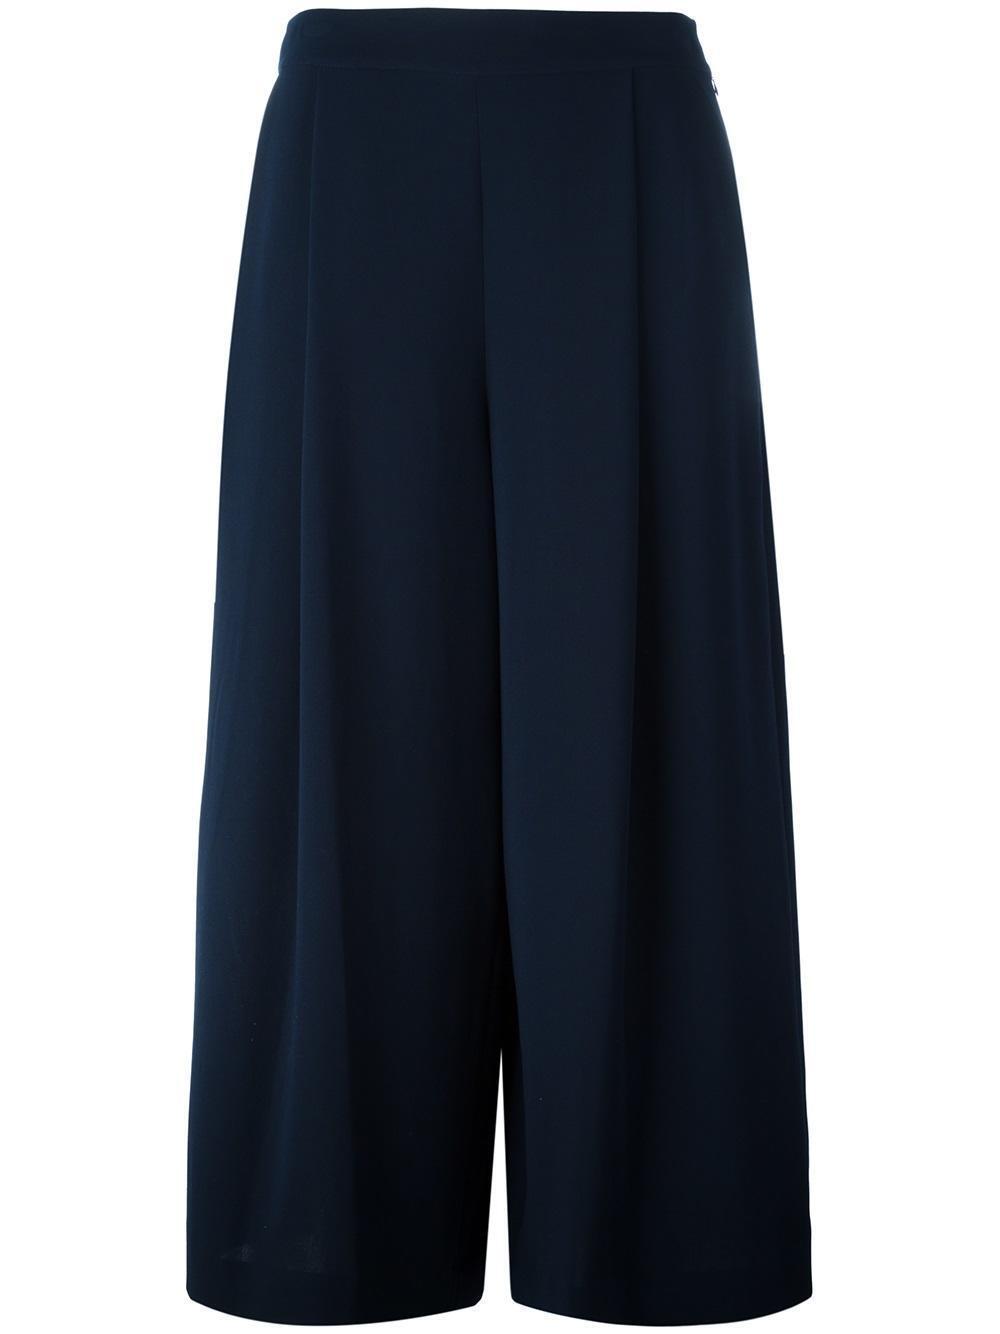 Diane Von Furstenberg Women's Holy Culottes, S881501D16, Deep Night, Size 8